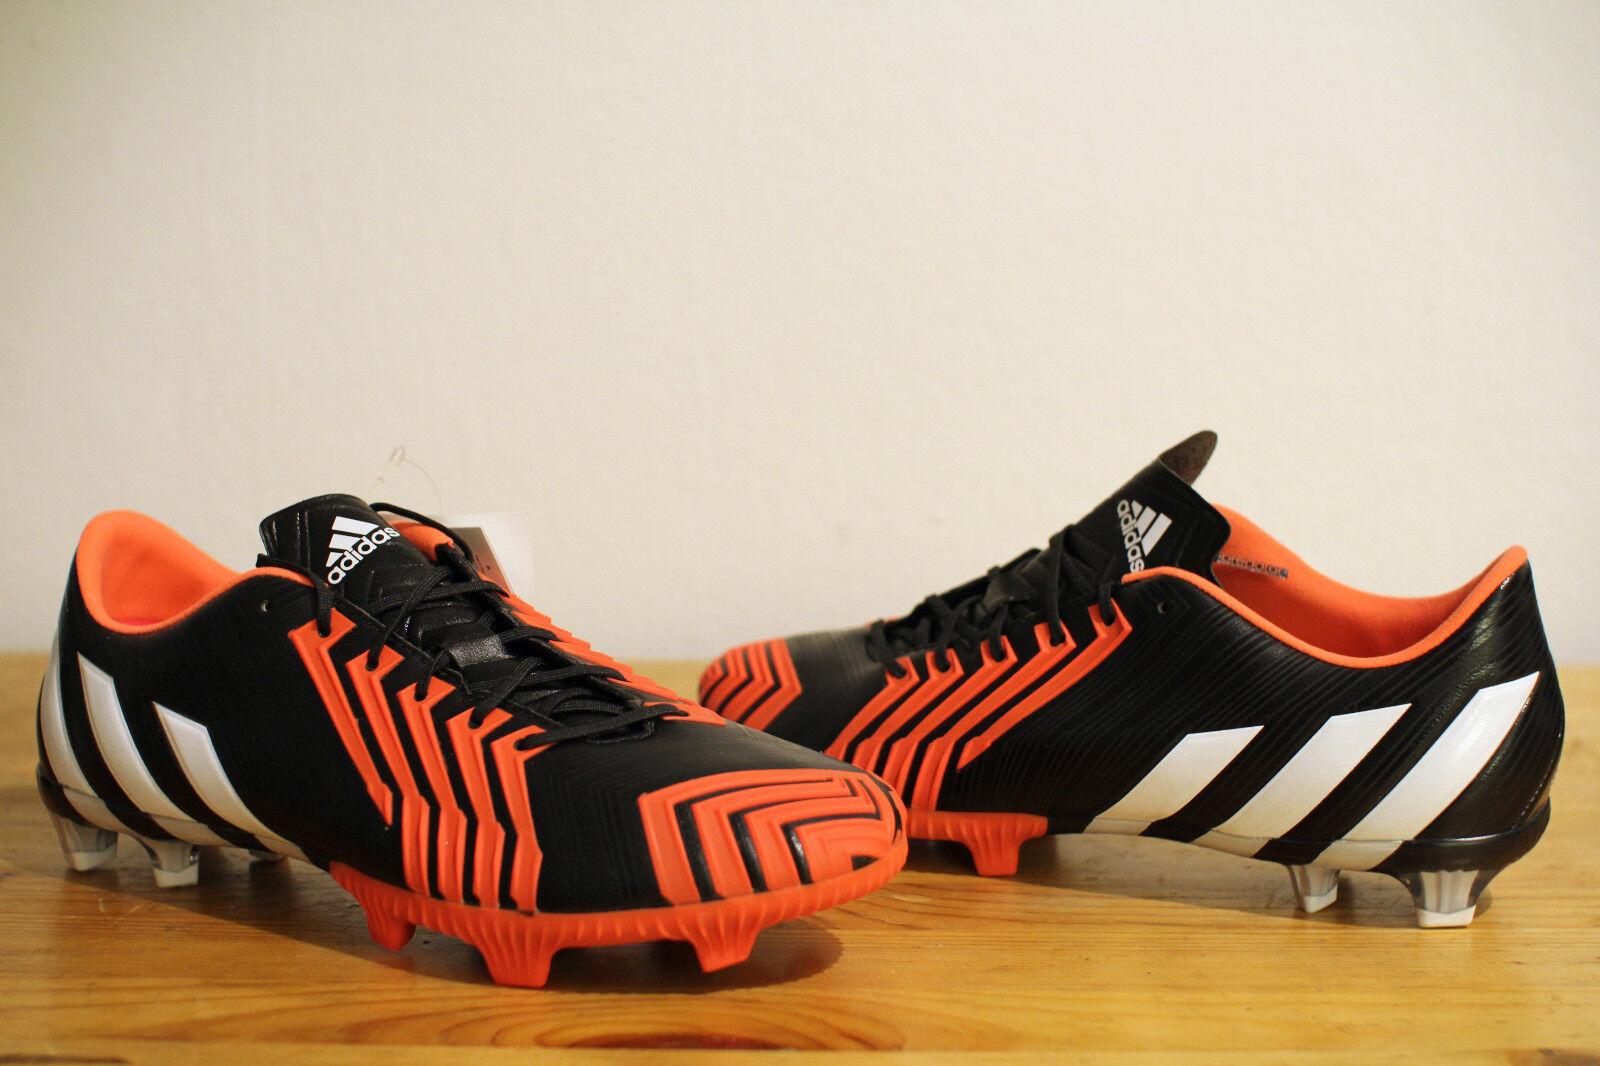 Adidas Protator Instinct FG Schwarz Rot Gr. 40,41,42 NEU & OVP  | Online einkaufen